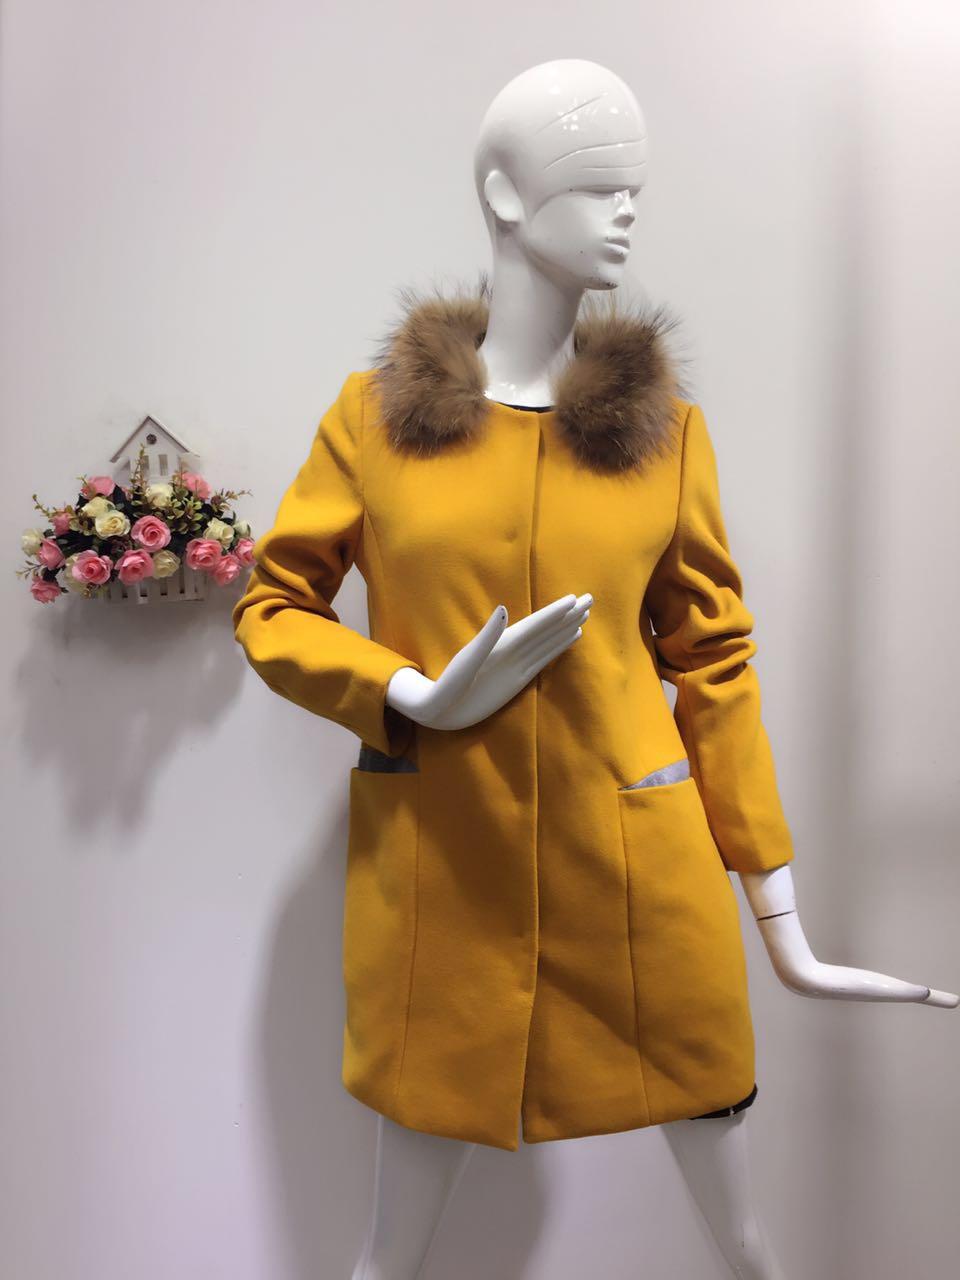 广州哪里有好的货源?婉枫品牌女装折扣一手货源